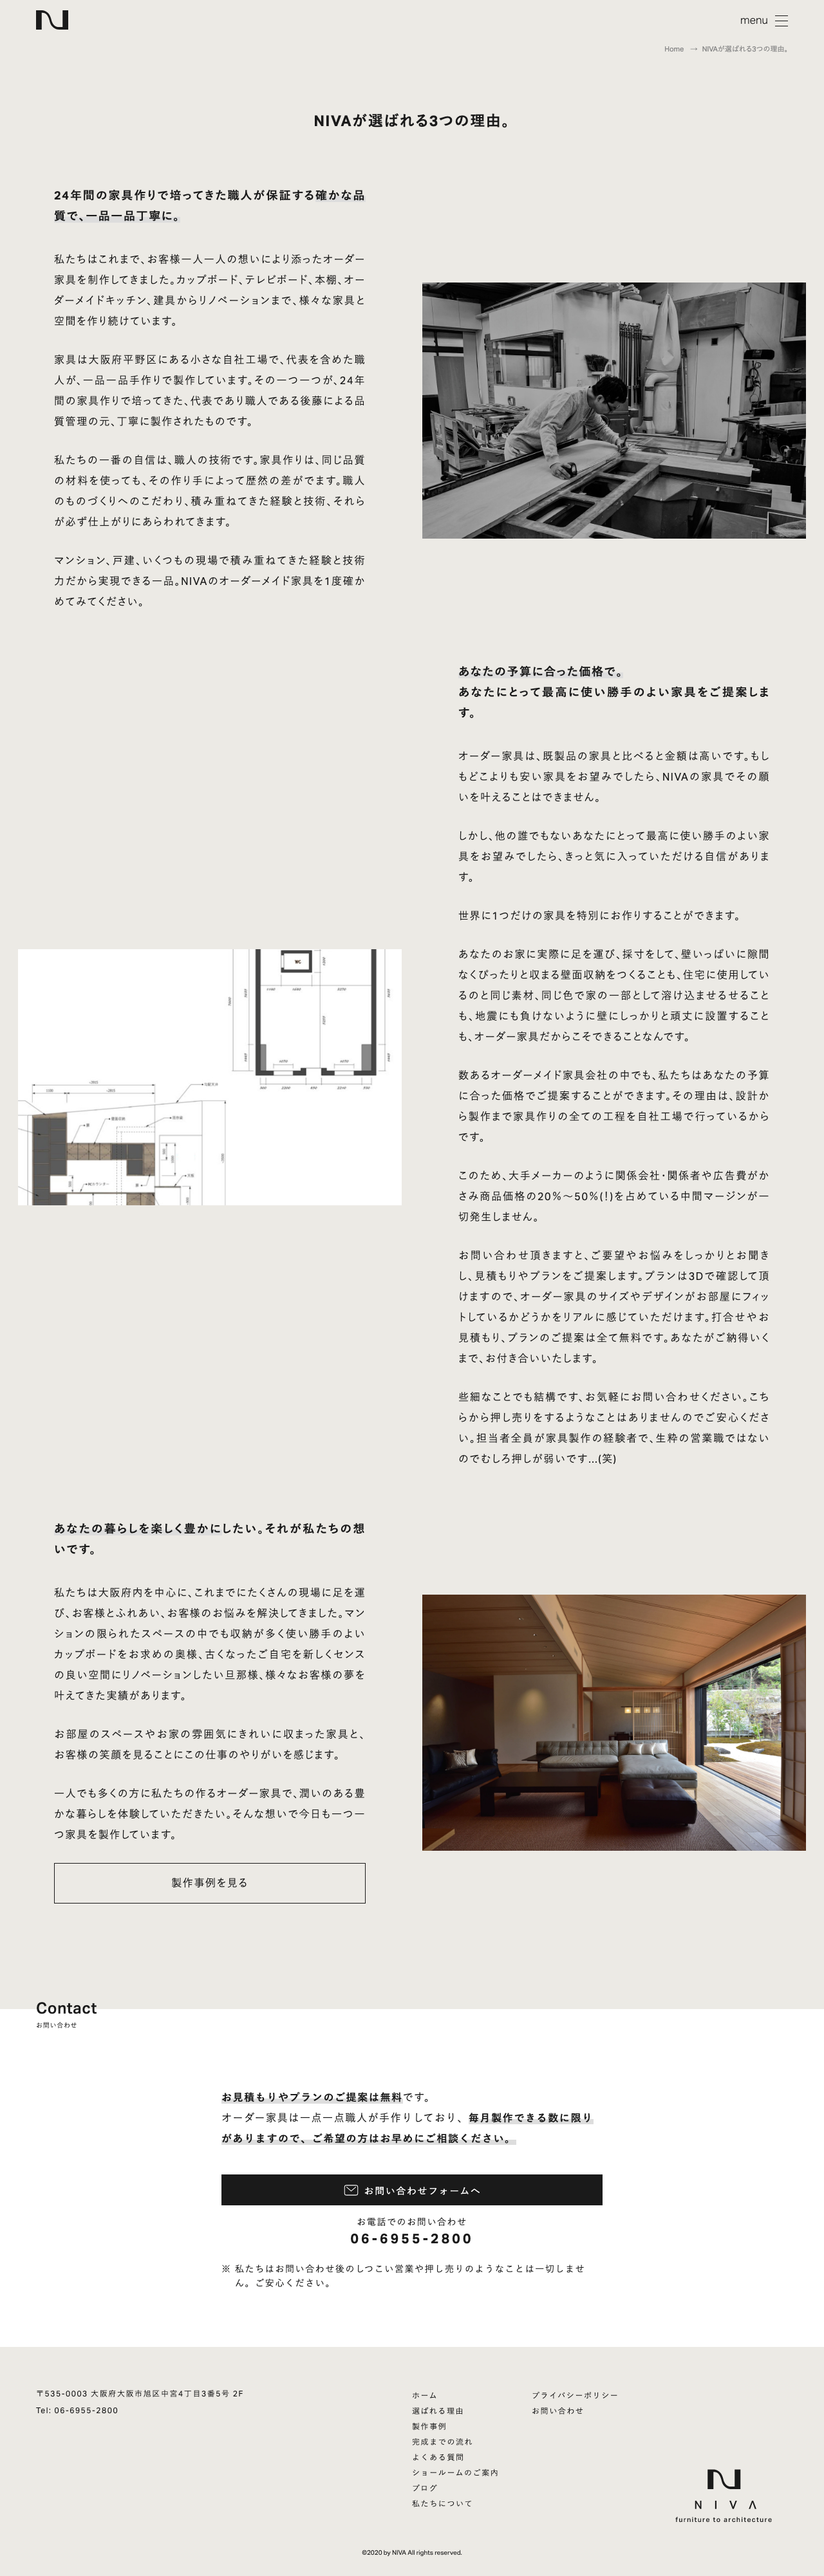 大阪府大阪市にあるオーダー家具屋さんのホームページのWebデザイン(PC版)のAboutページ。